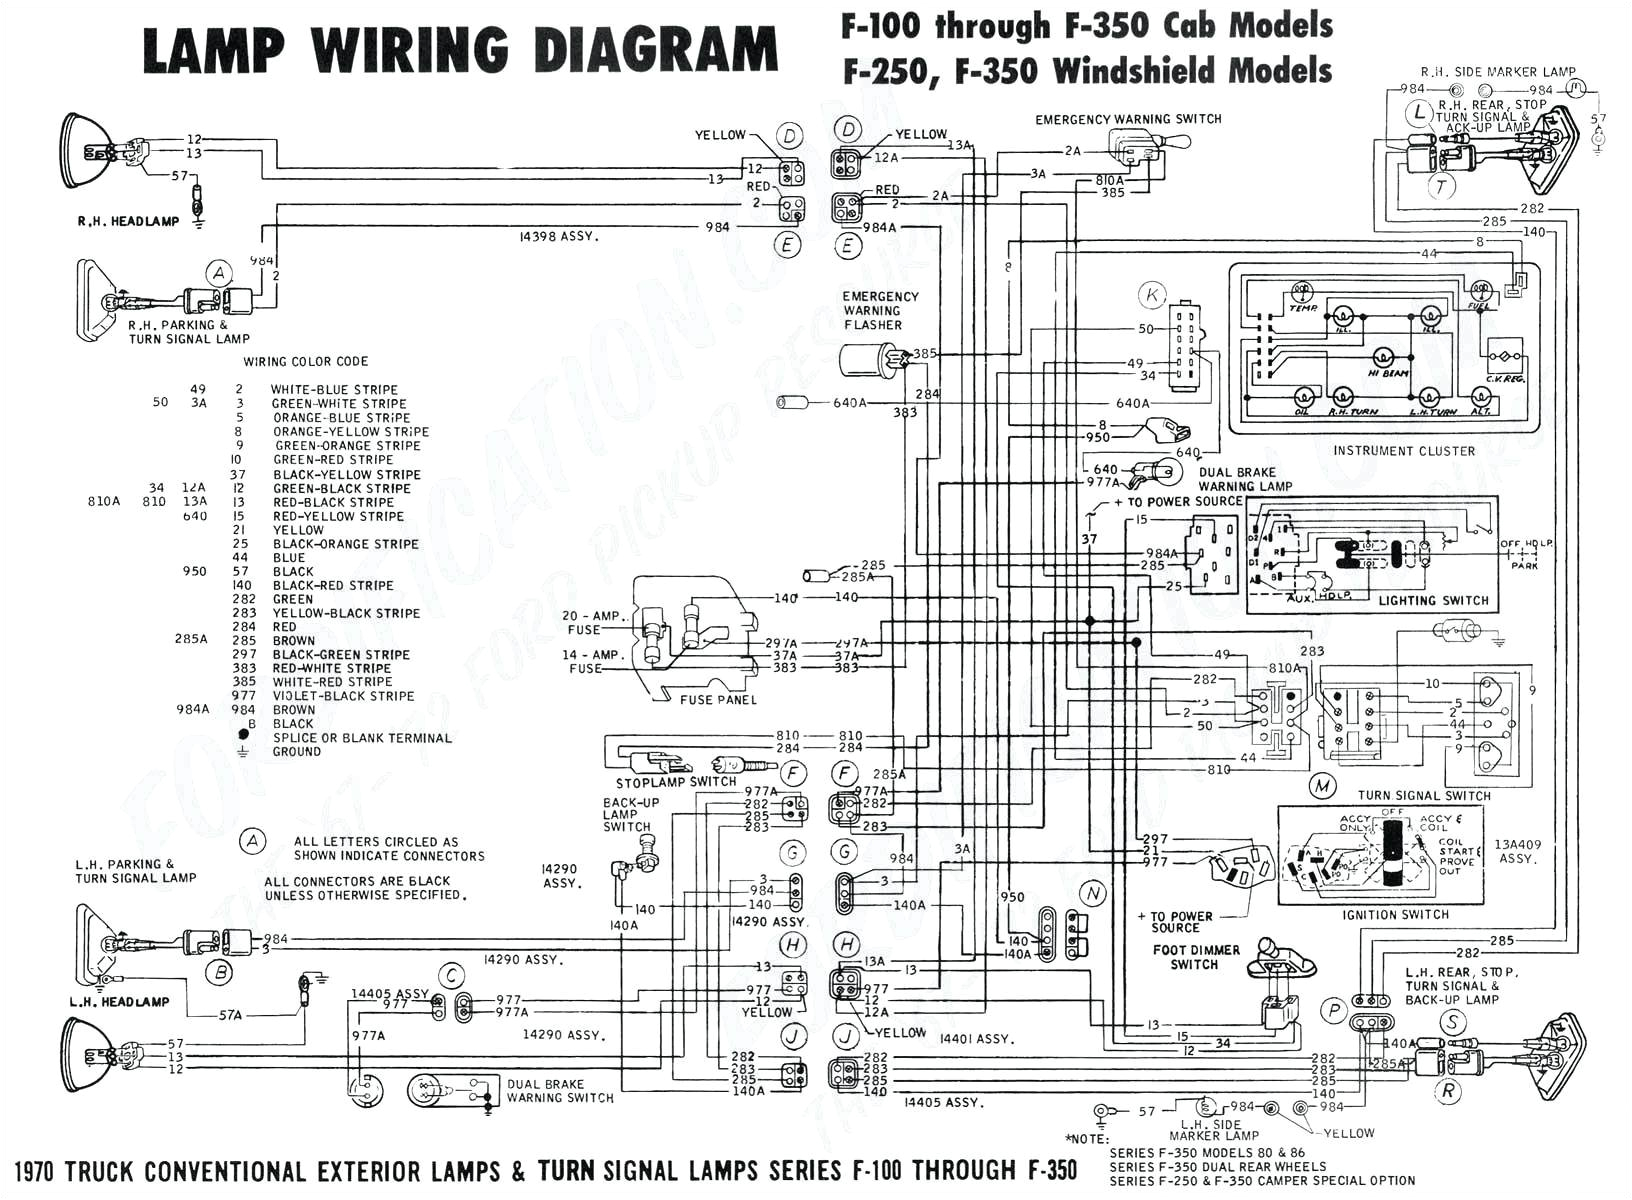 2005 Chevy Silverado 2500hd Wiring Diagram 2500 Hd Silverado Wiring Diagrams Wiring Diagram List